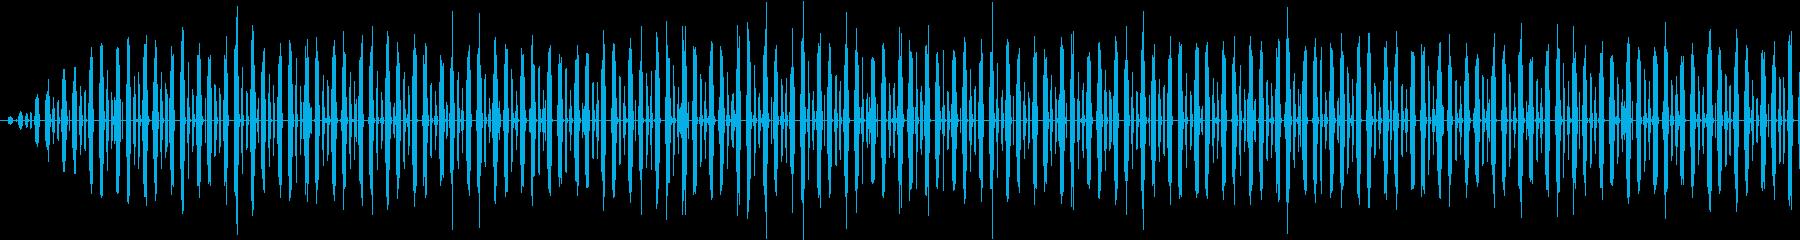 スペースジャバー:高速パルス電子バ...の再生済みの波形